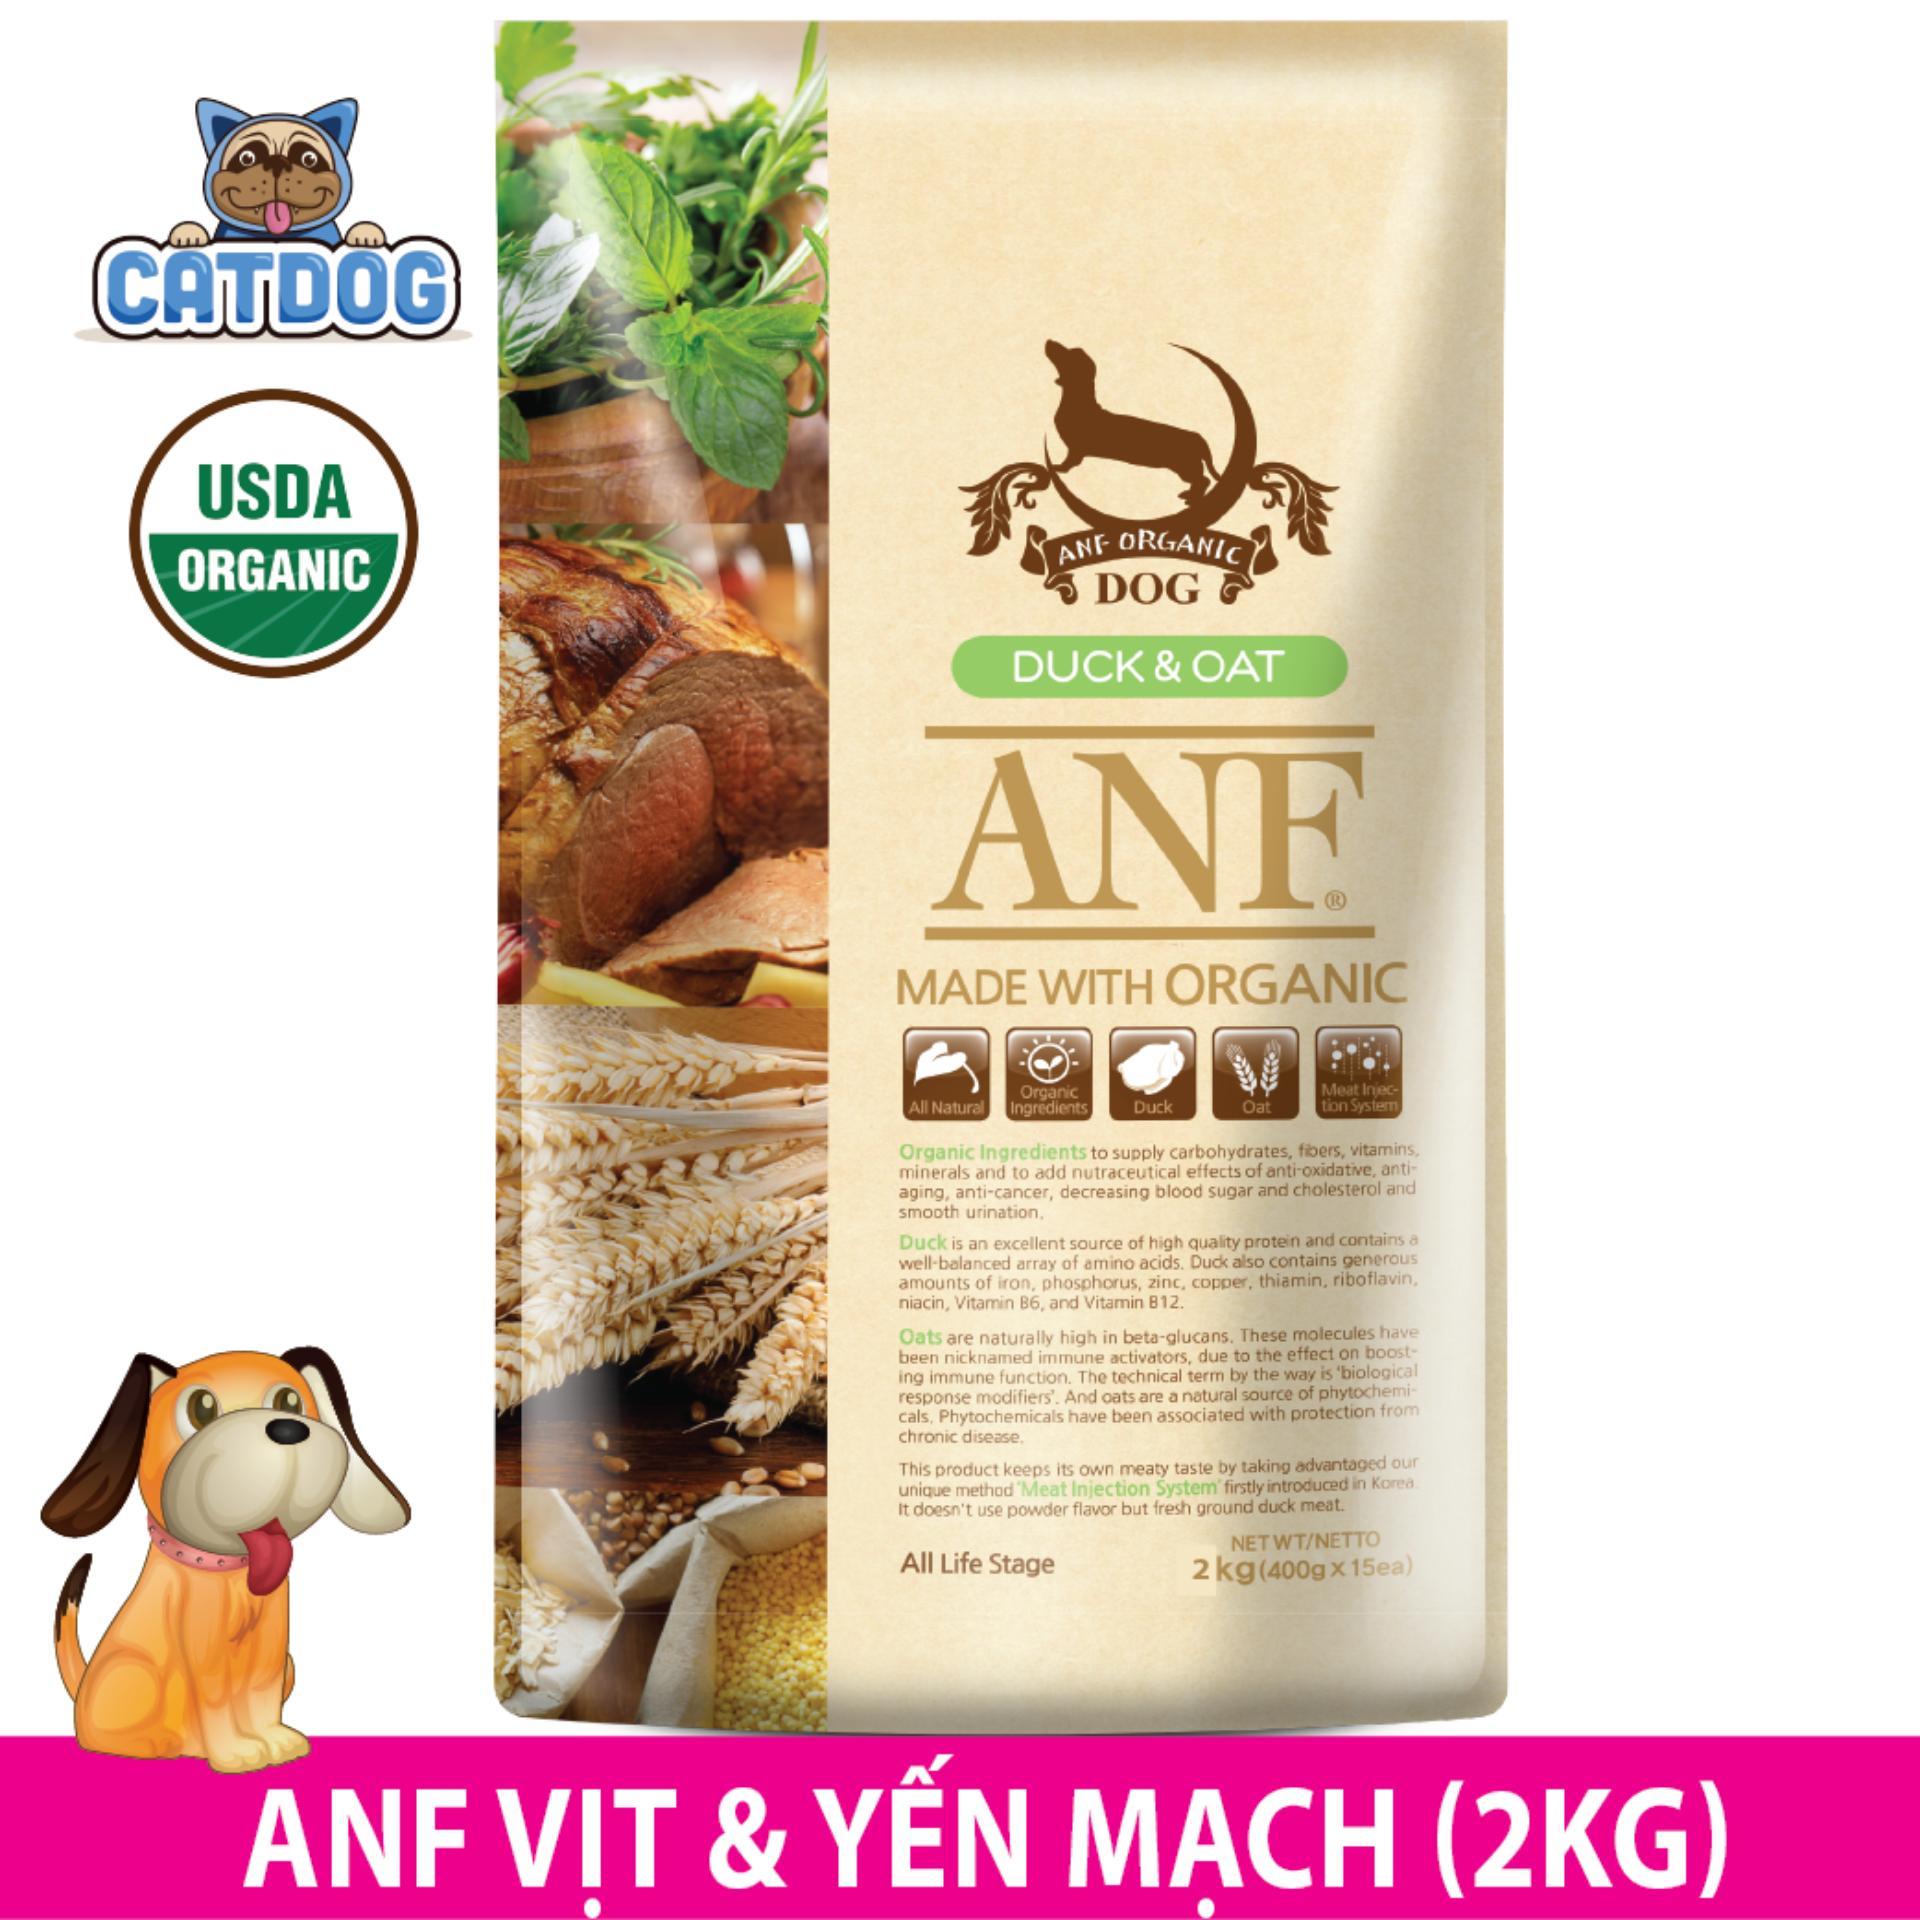 Chiết Khấu Hạt Anf Made With Organic Vị Vịt Va Yến Mạch 2Kg Cho Hà Nội